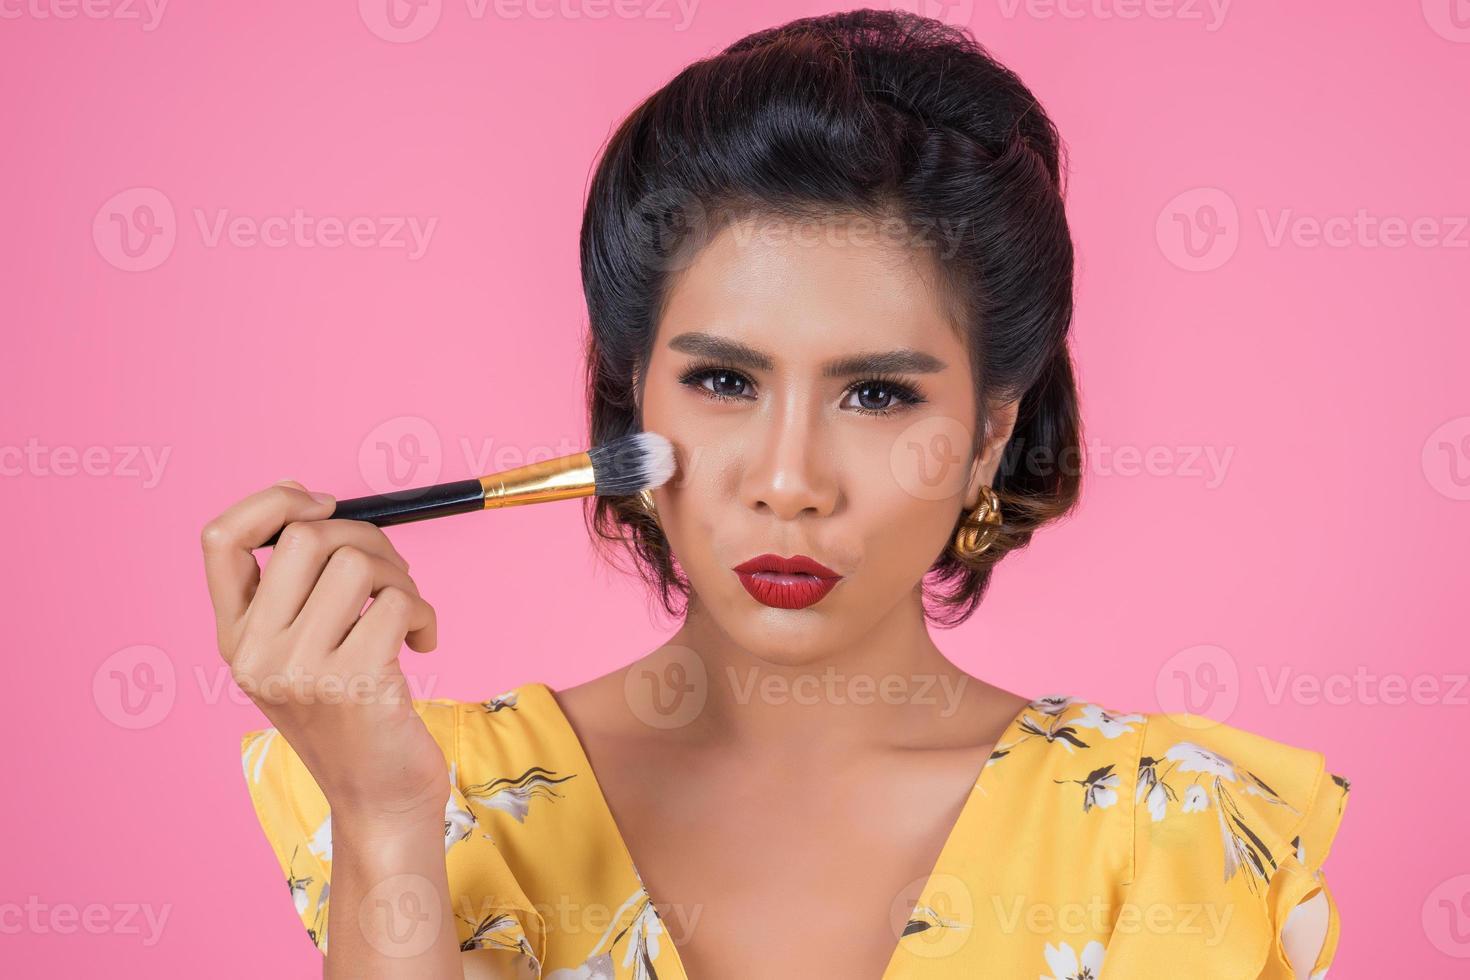 portret van een vrouw met make-upborstel foto